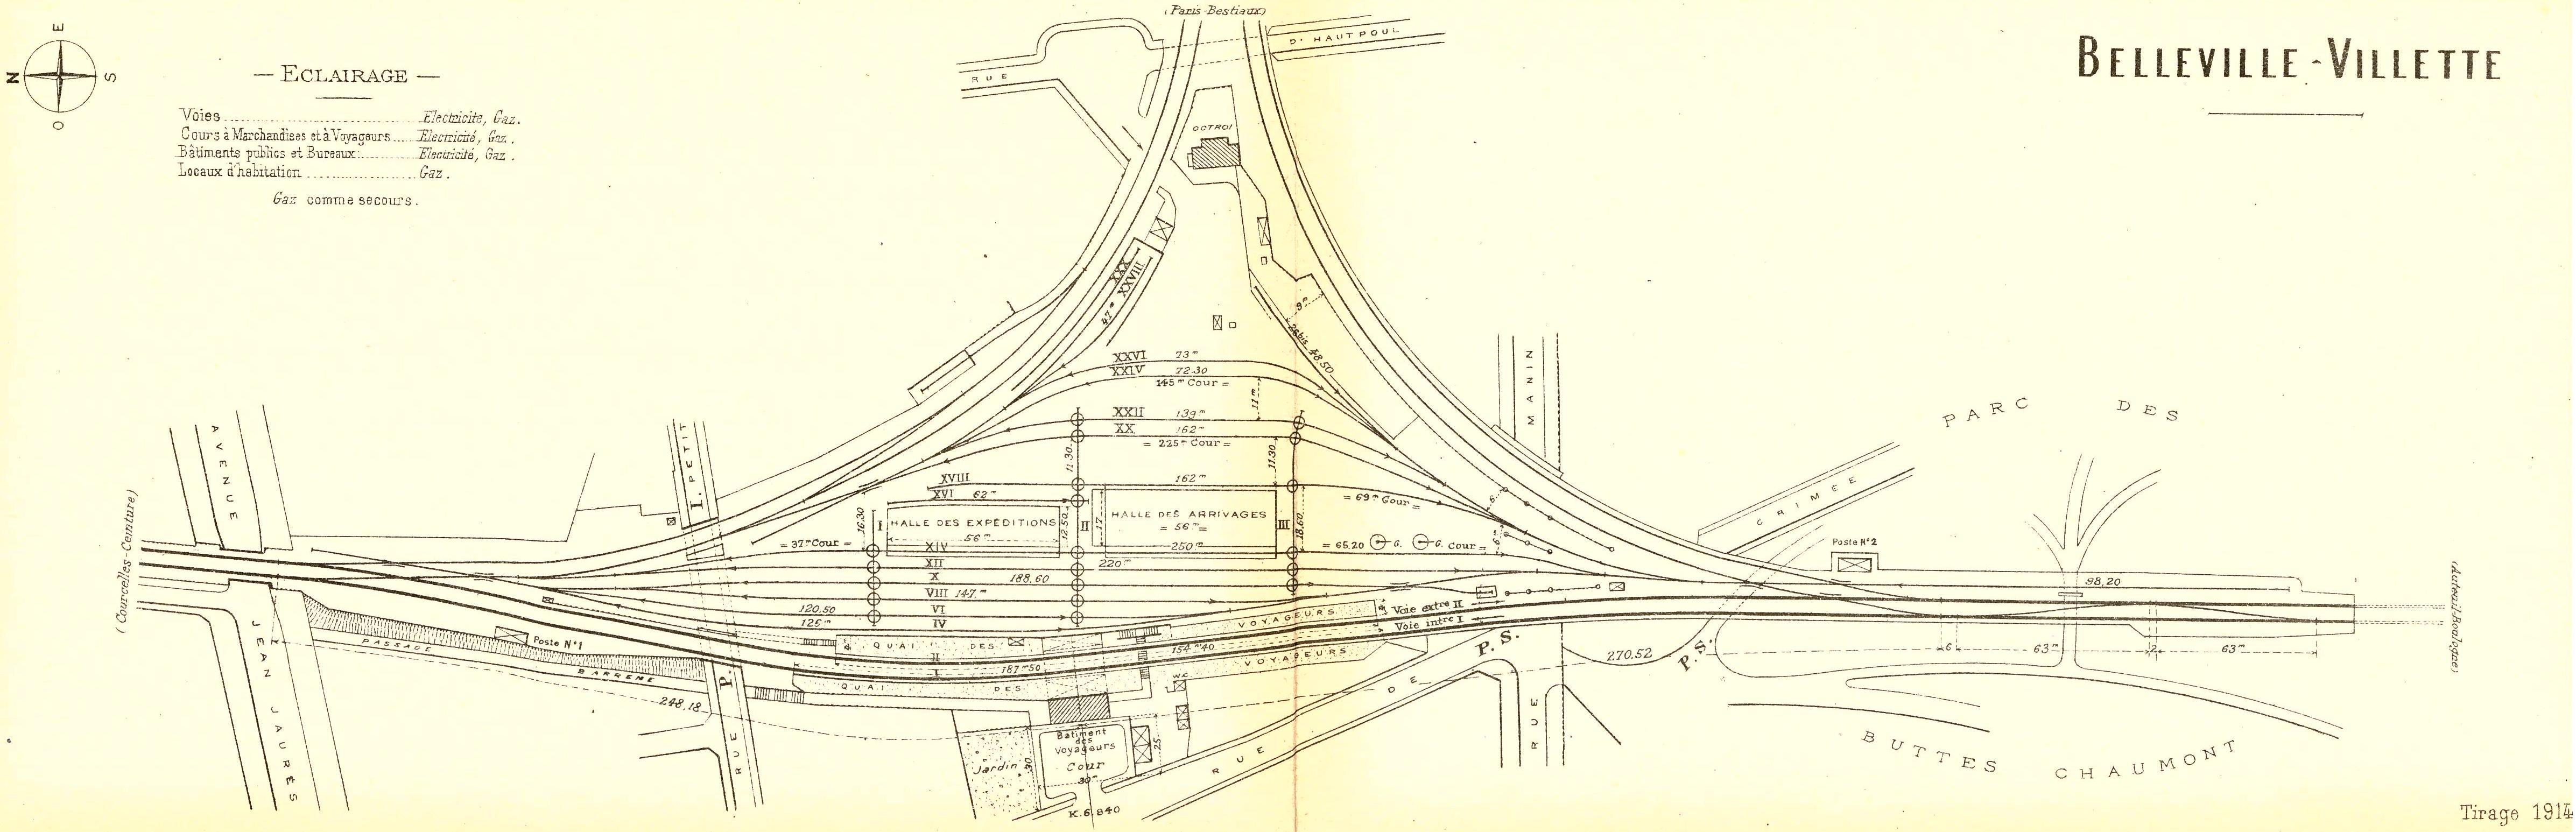 Gare de belleville villette voyageurs et marchandises for Plan de belle villa